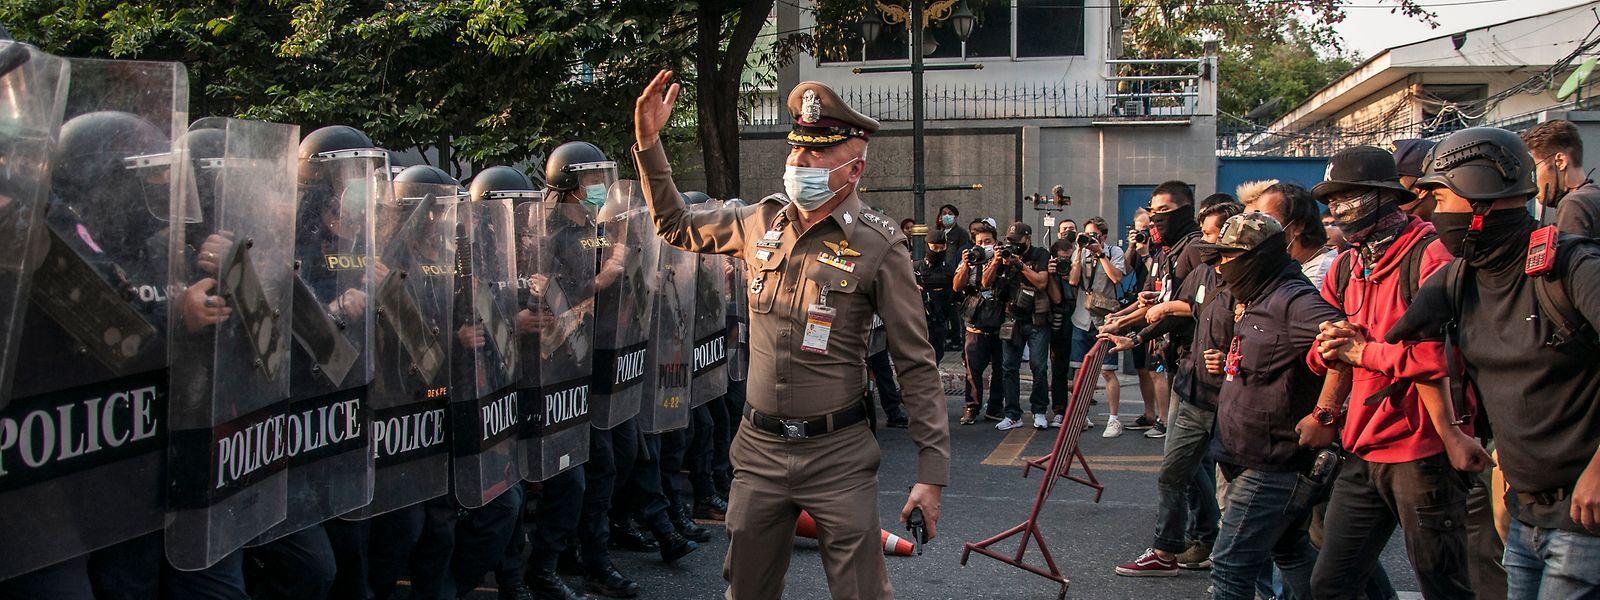 Polizeigewalt gegen Protestbewegung: seit Anfang Februar und dem Militärputsch ein alltägliches Bild in Myanmar.